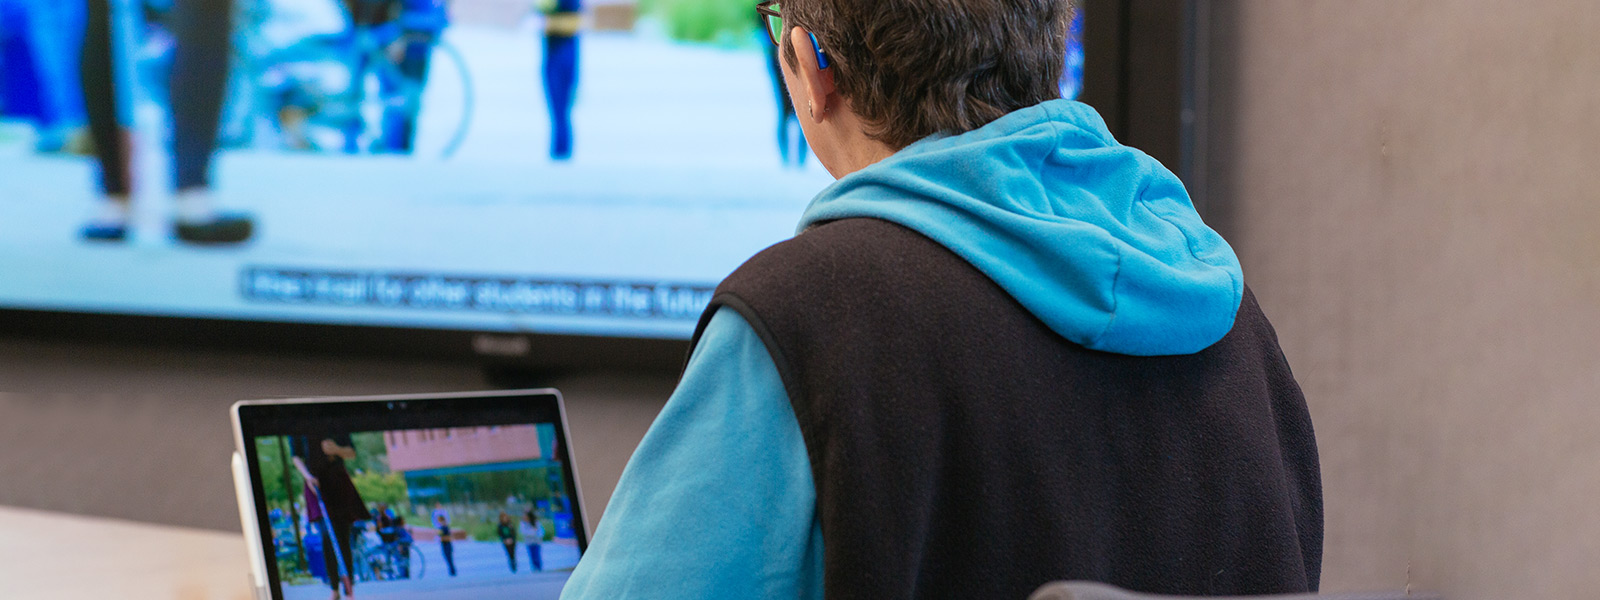 Uma mulher que usa um aparelho auditivo assiste a uma apresentação em vídeo com legendas